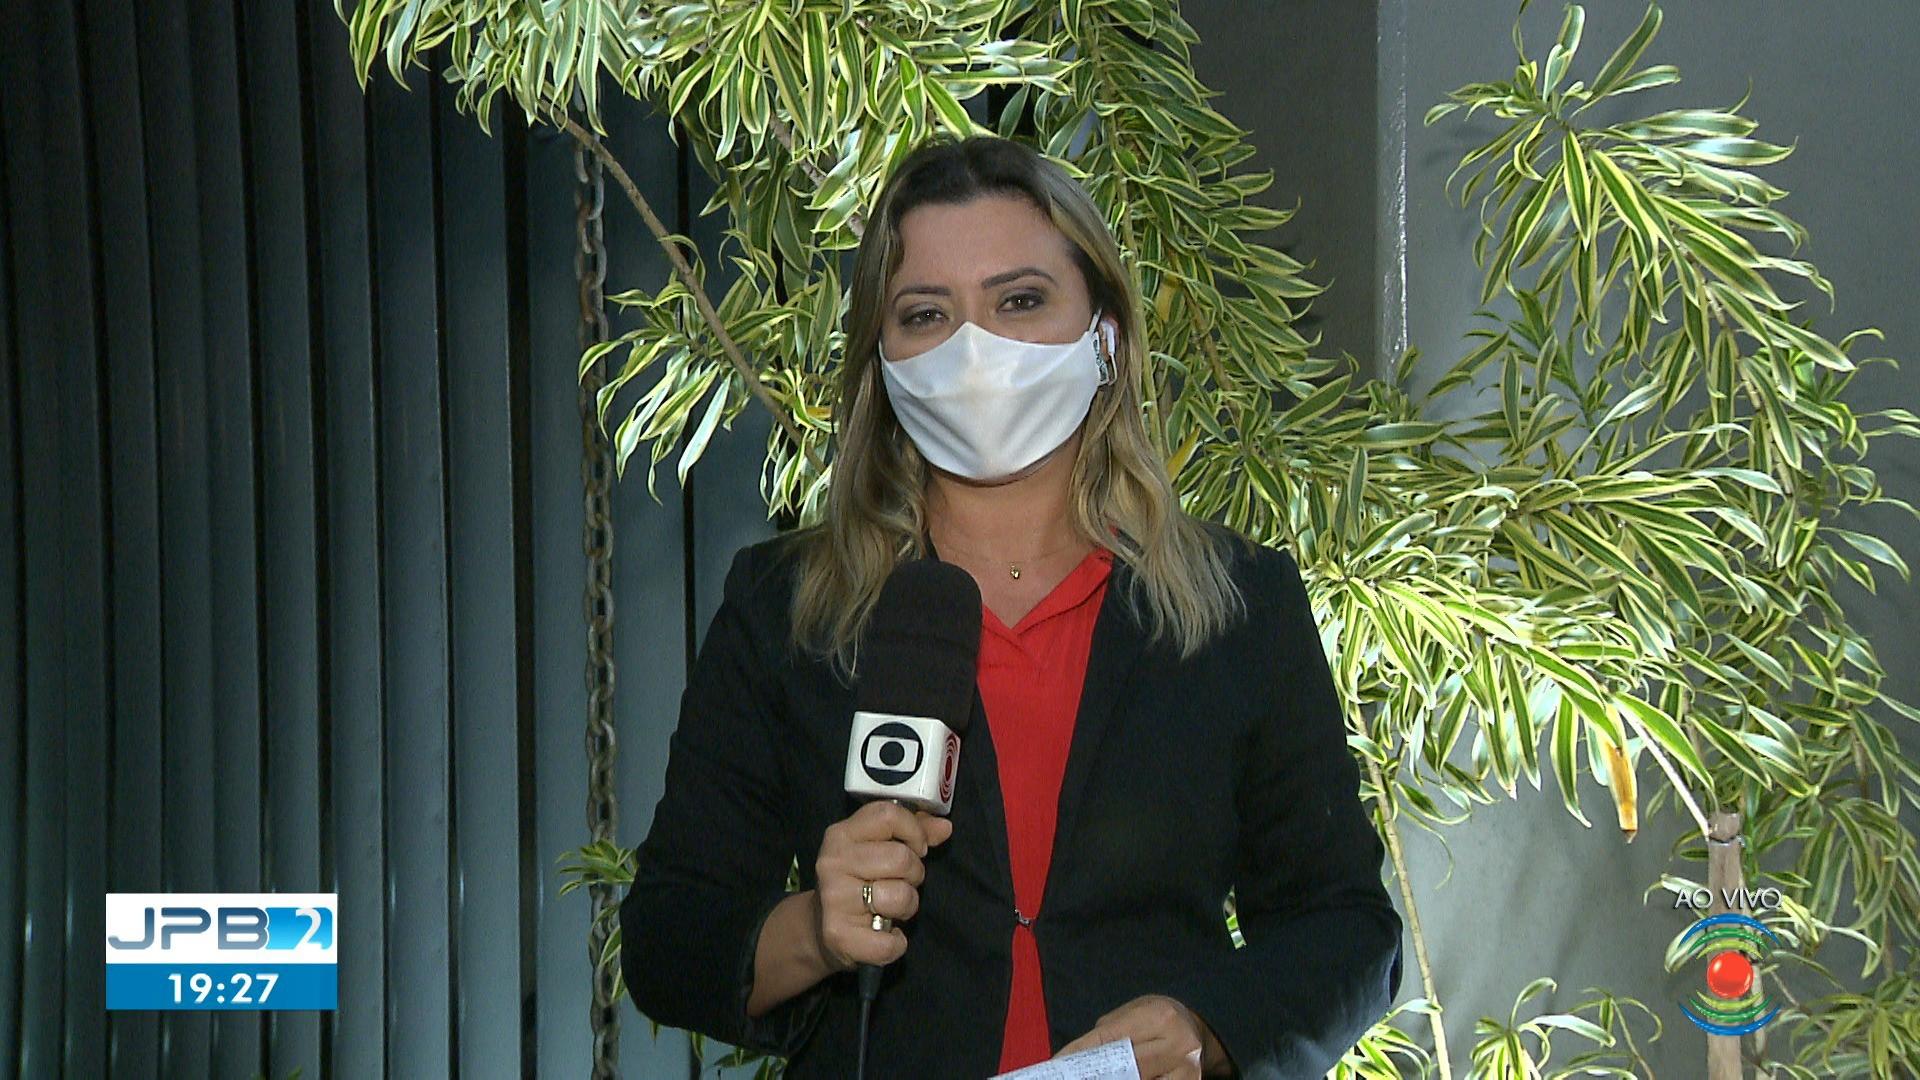 VÍDEOS: JPB2 (TV Paraíba) desta terça-feira, 29 de setembro